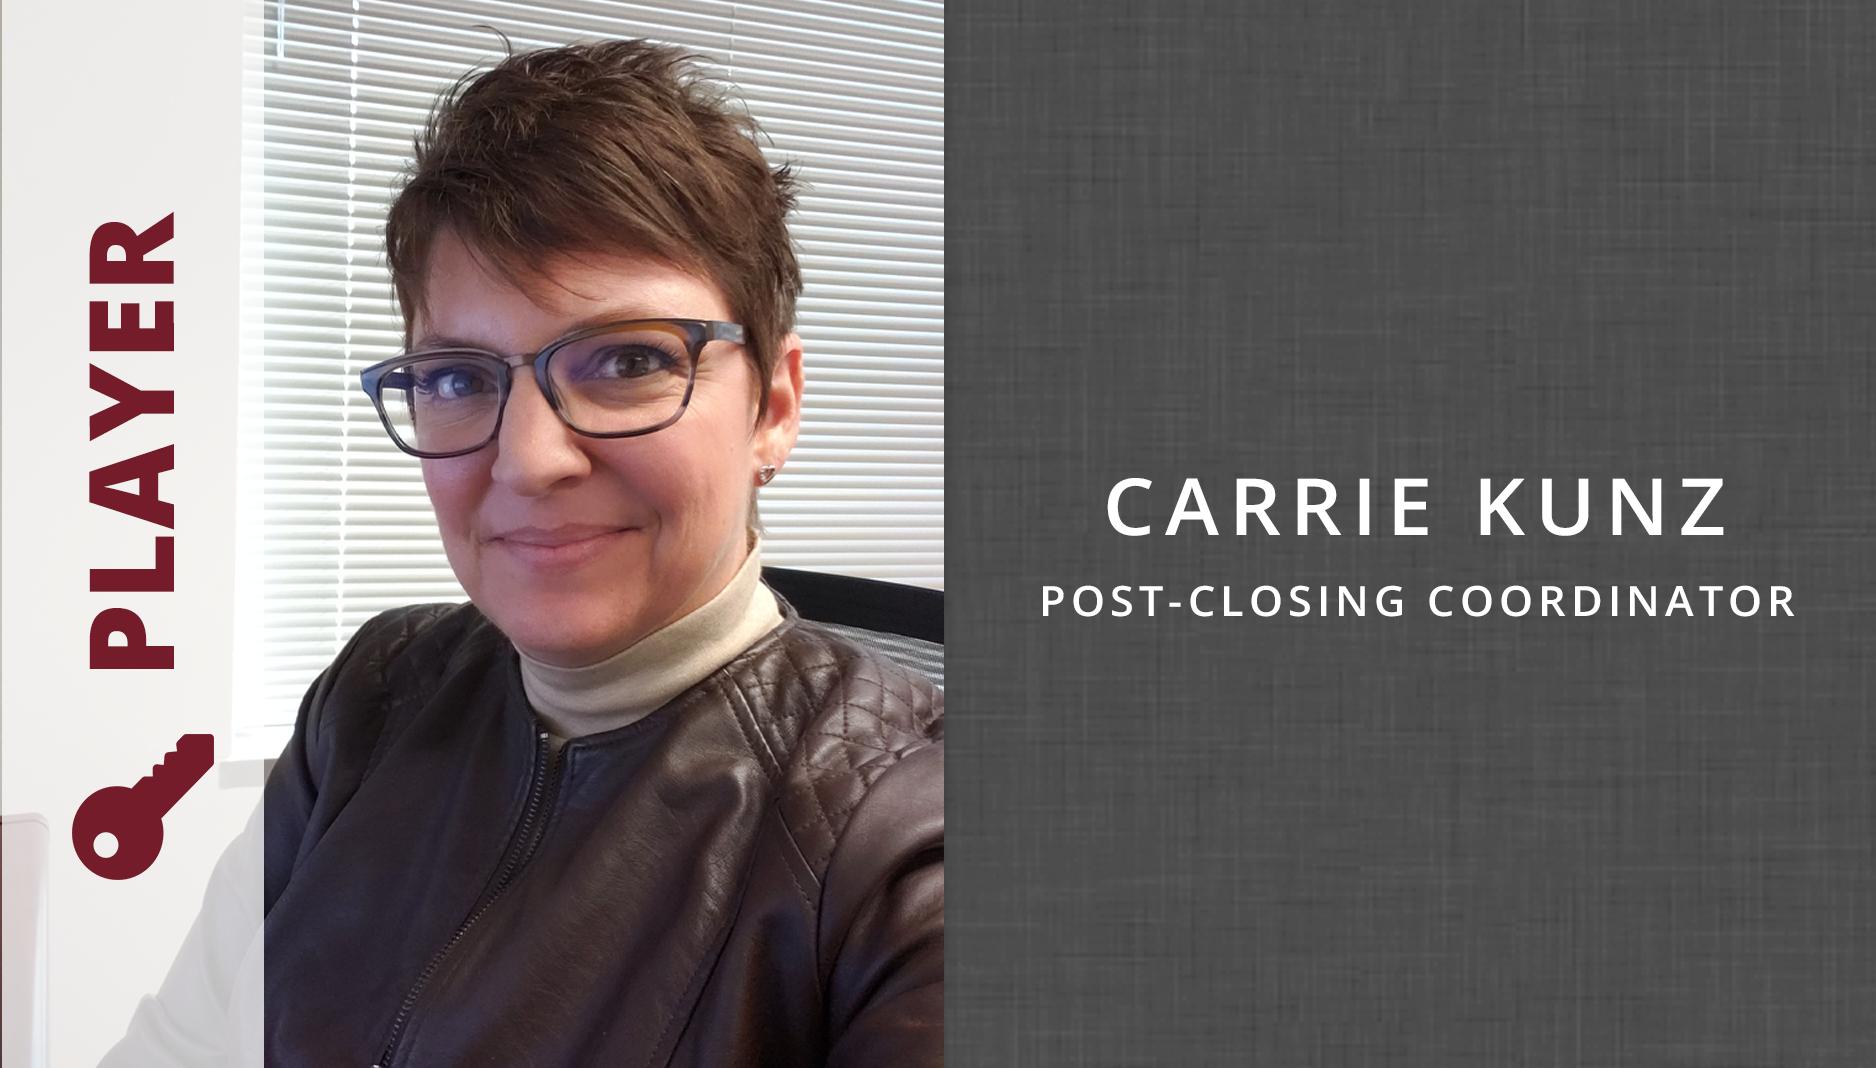 Carrie Kunz